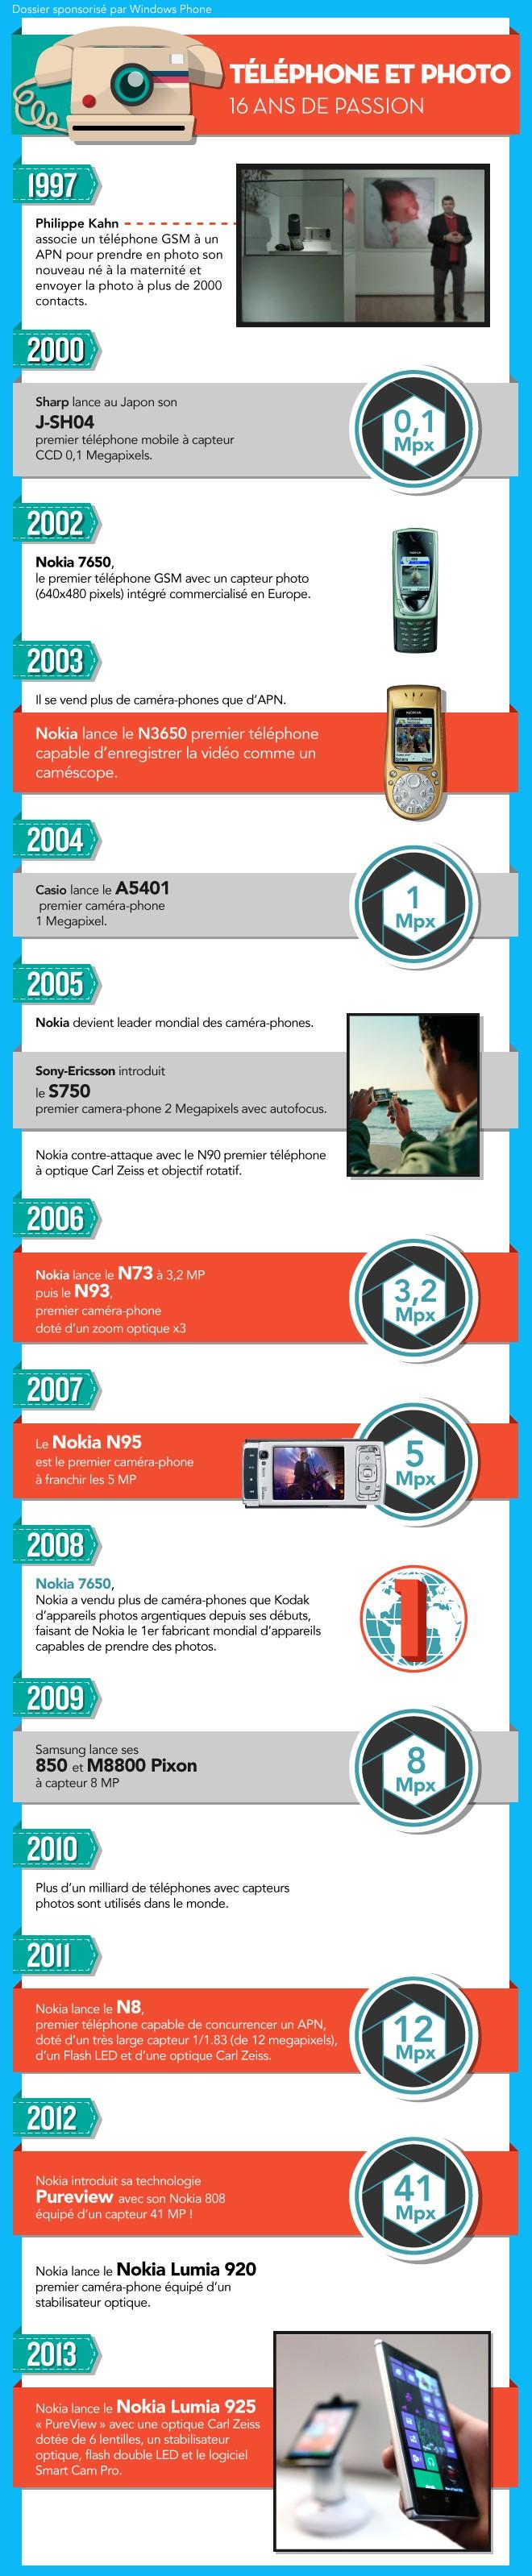 Téléphone et photo, 16 ans de passion, Nokia toujours au top !